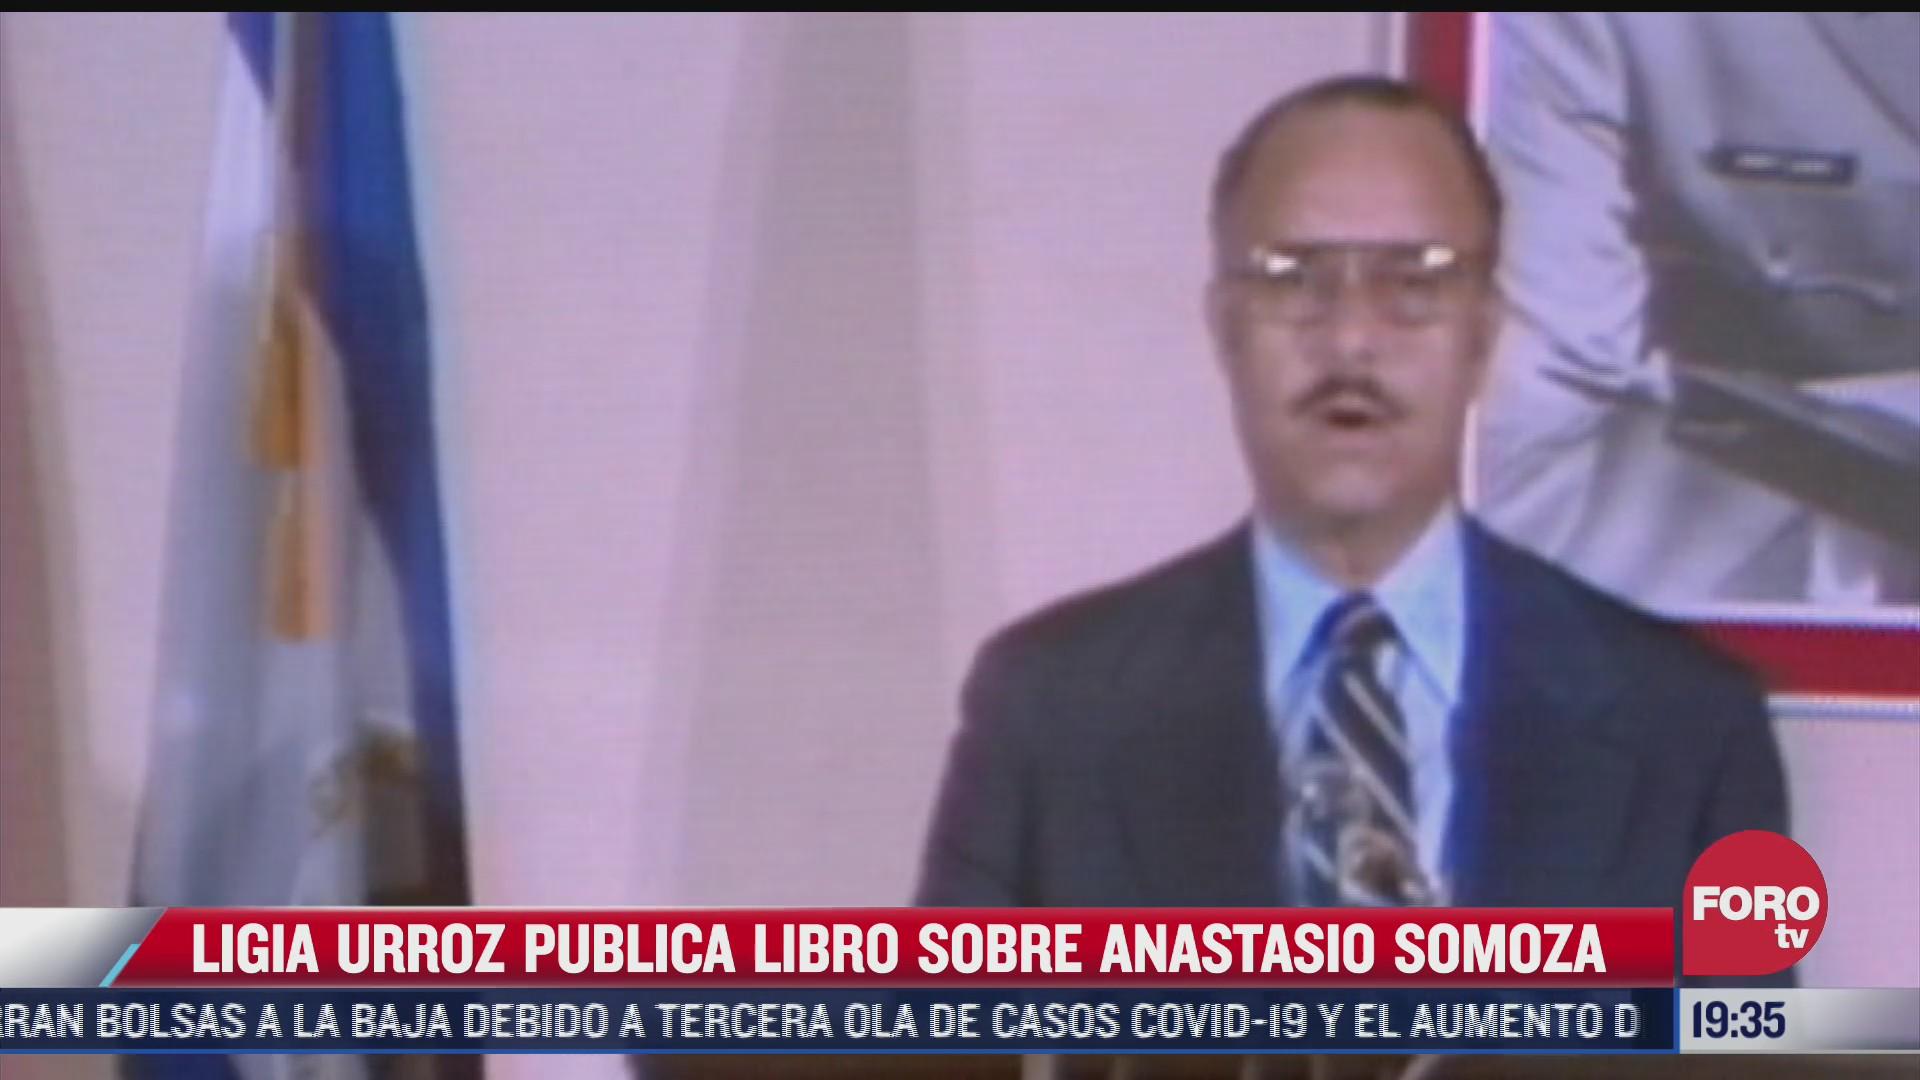 ligia urroz publica libro del dictador anastasio somoza